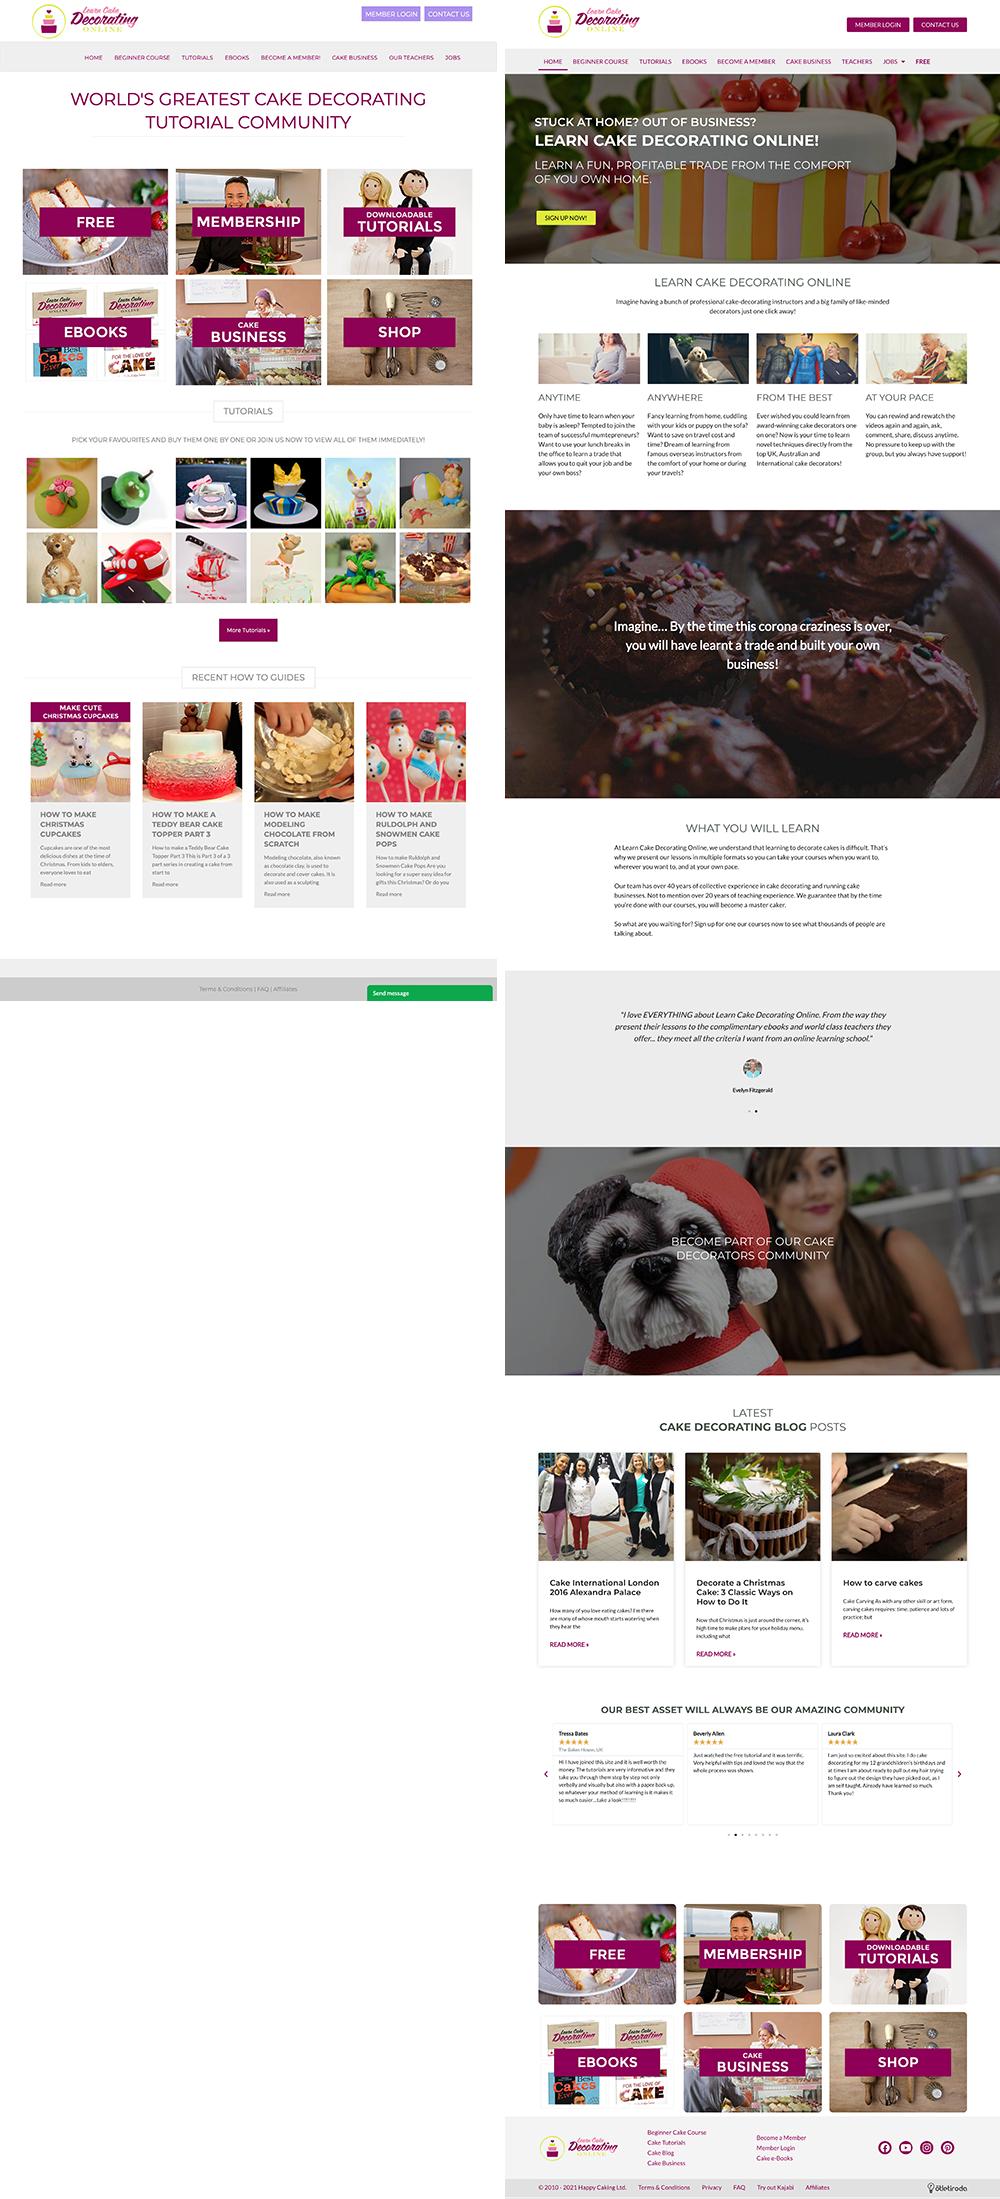 Online sütidekorálás kurzusok - LearnCakeDecoratingOnline.com 1